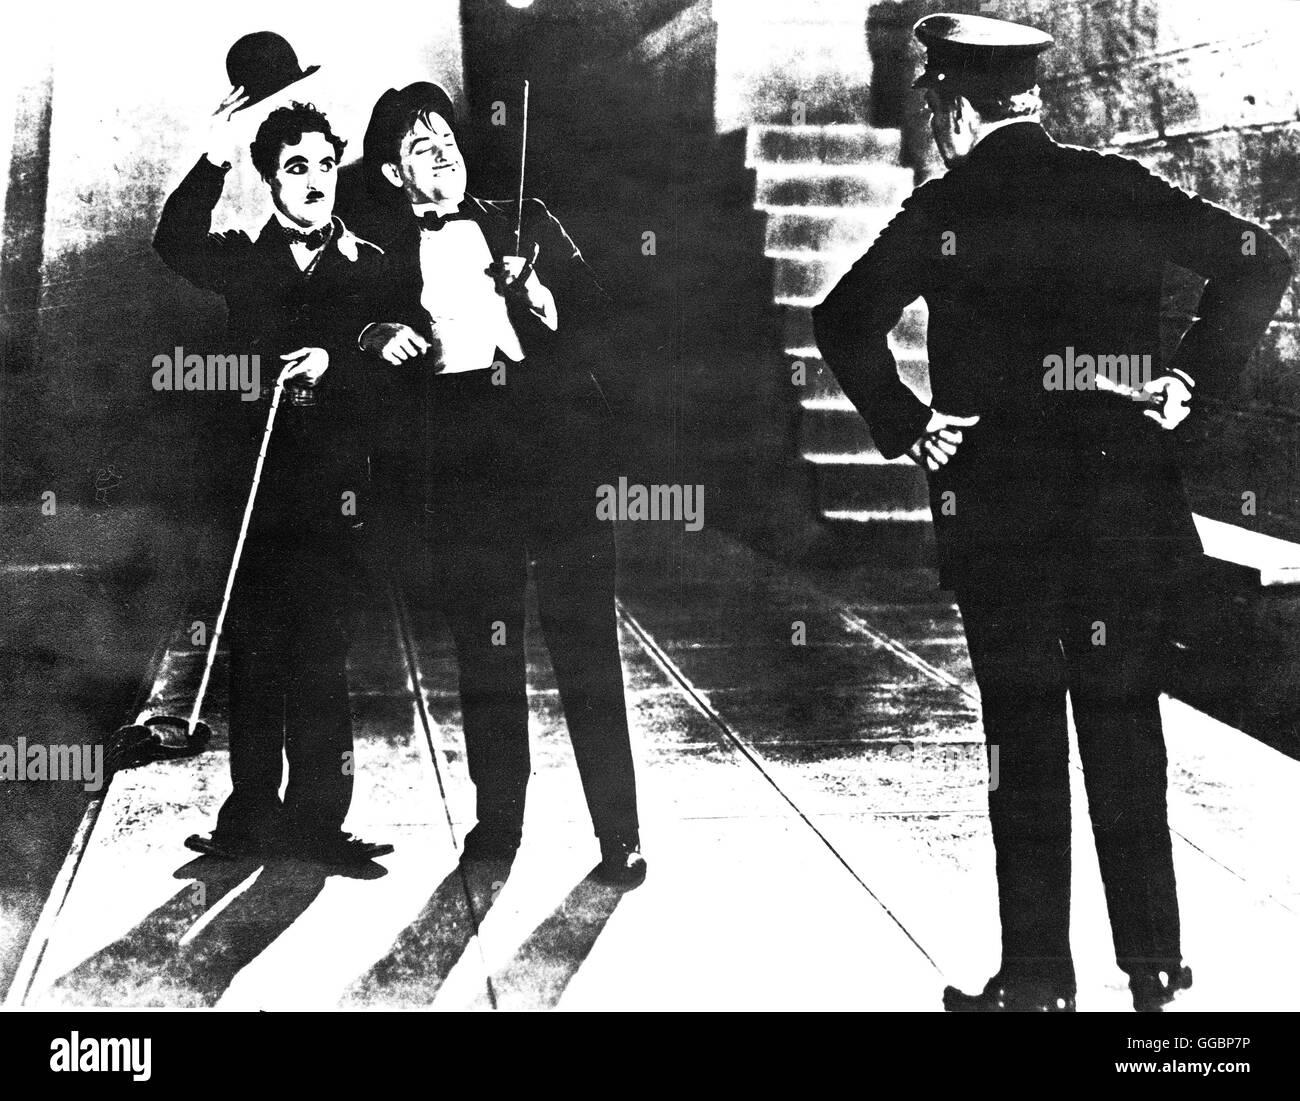 LICHTER DER GROßSTADT / Lichter der Grossstadt City Lights USA 1931 / Charles Chaplin Landstreicher Charlie - Stock Image